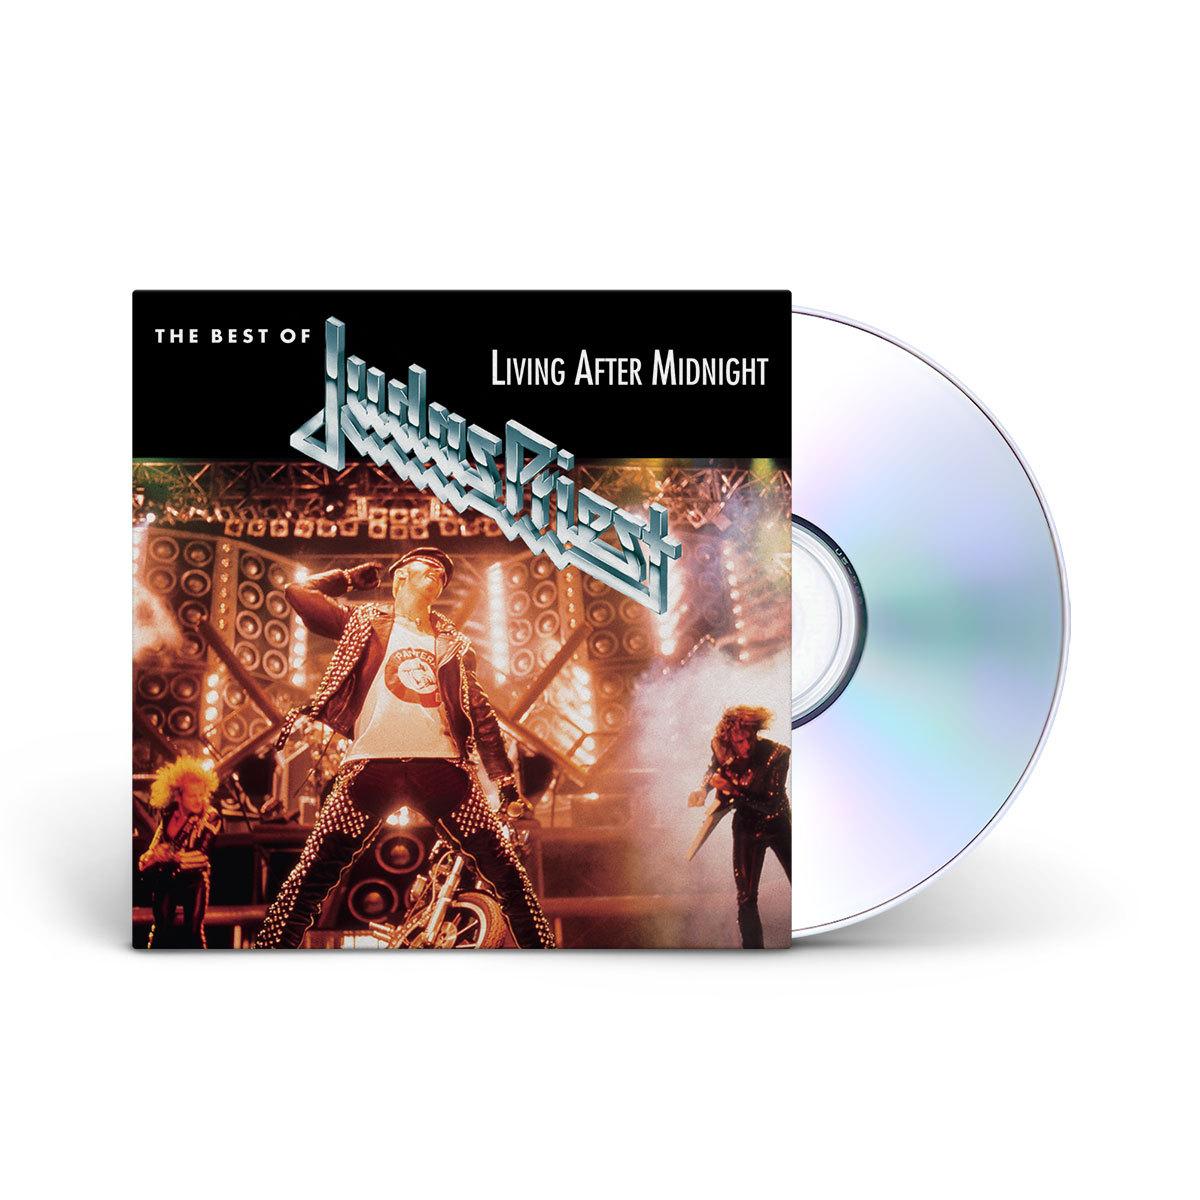 Judas Priest The Best Of Judas Priest: Living After Midnight CD